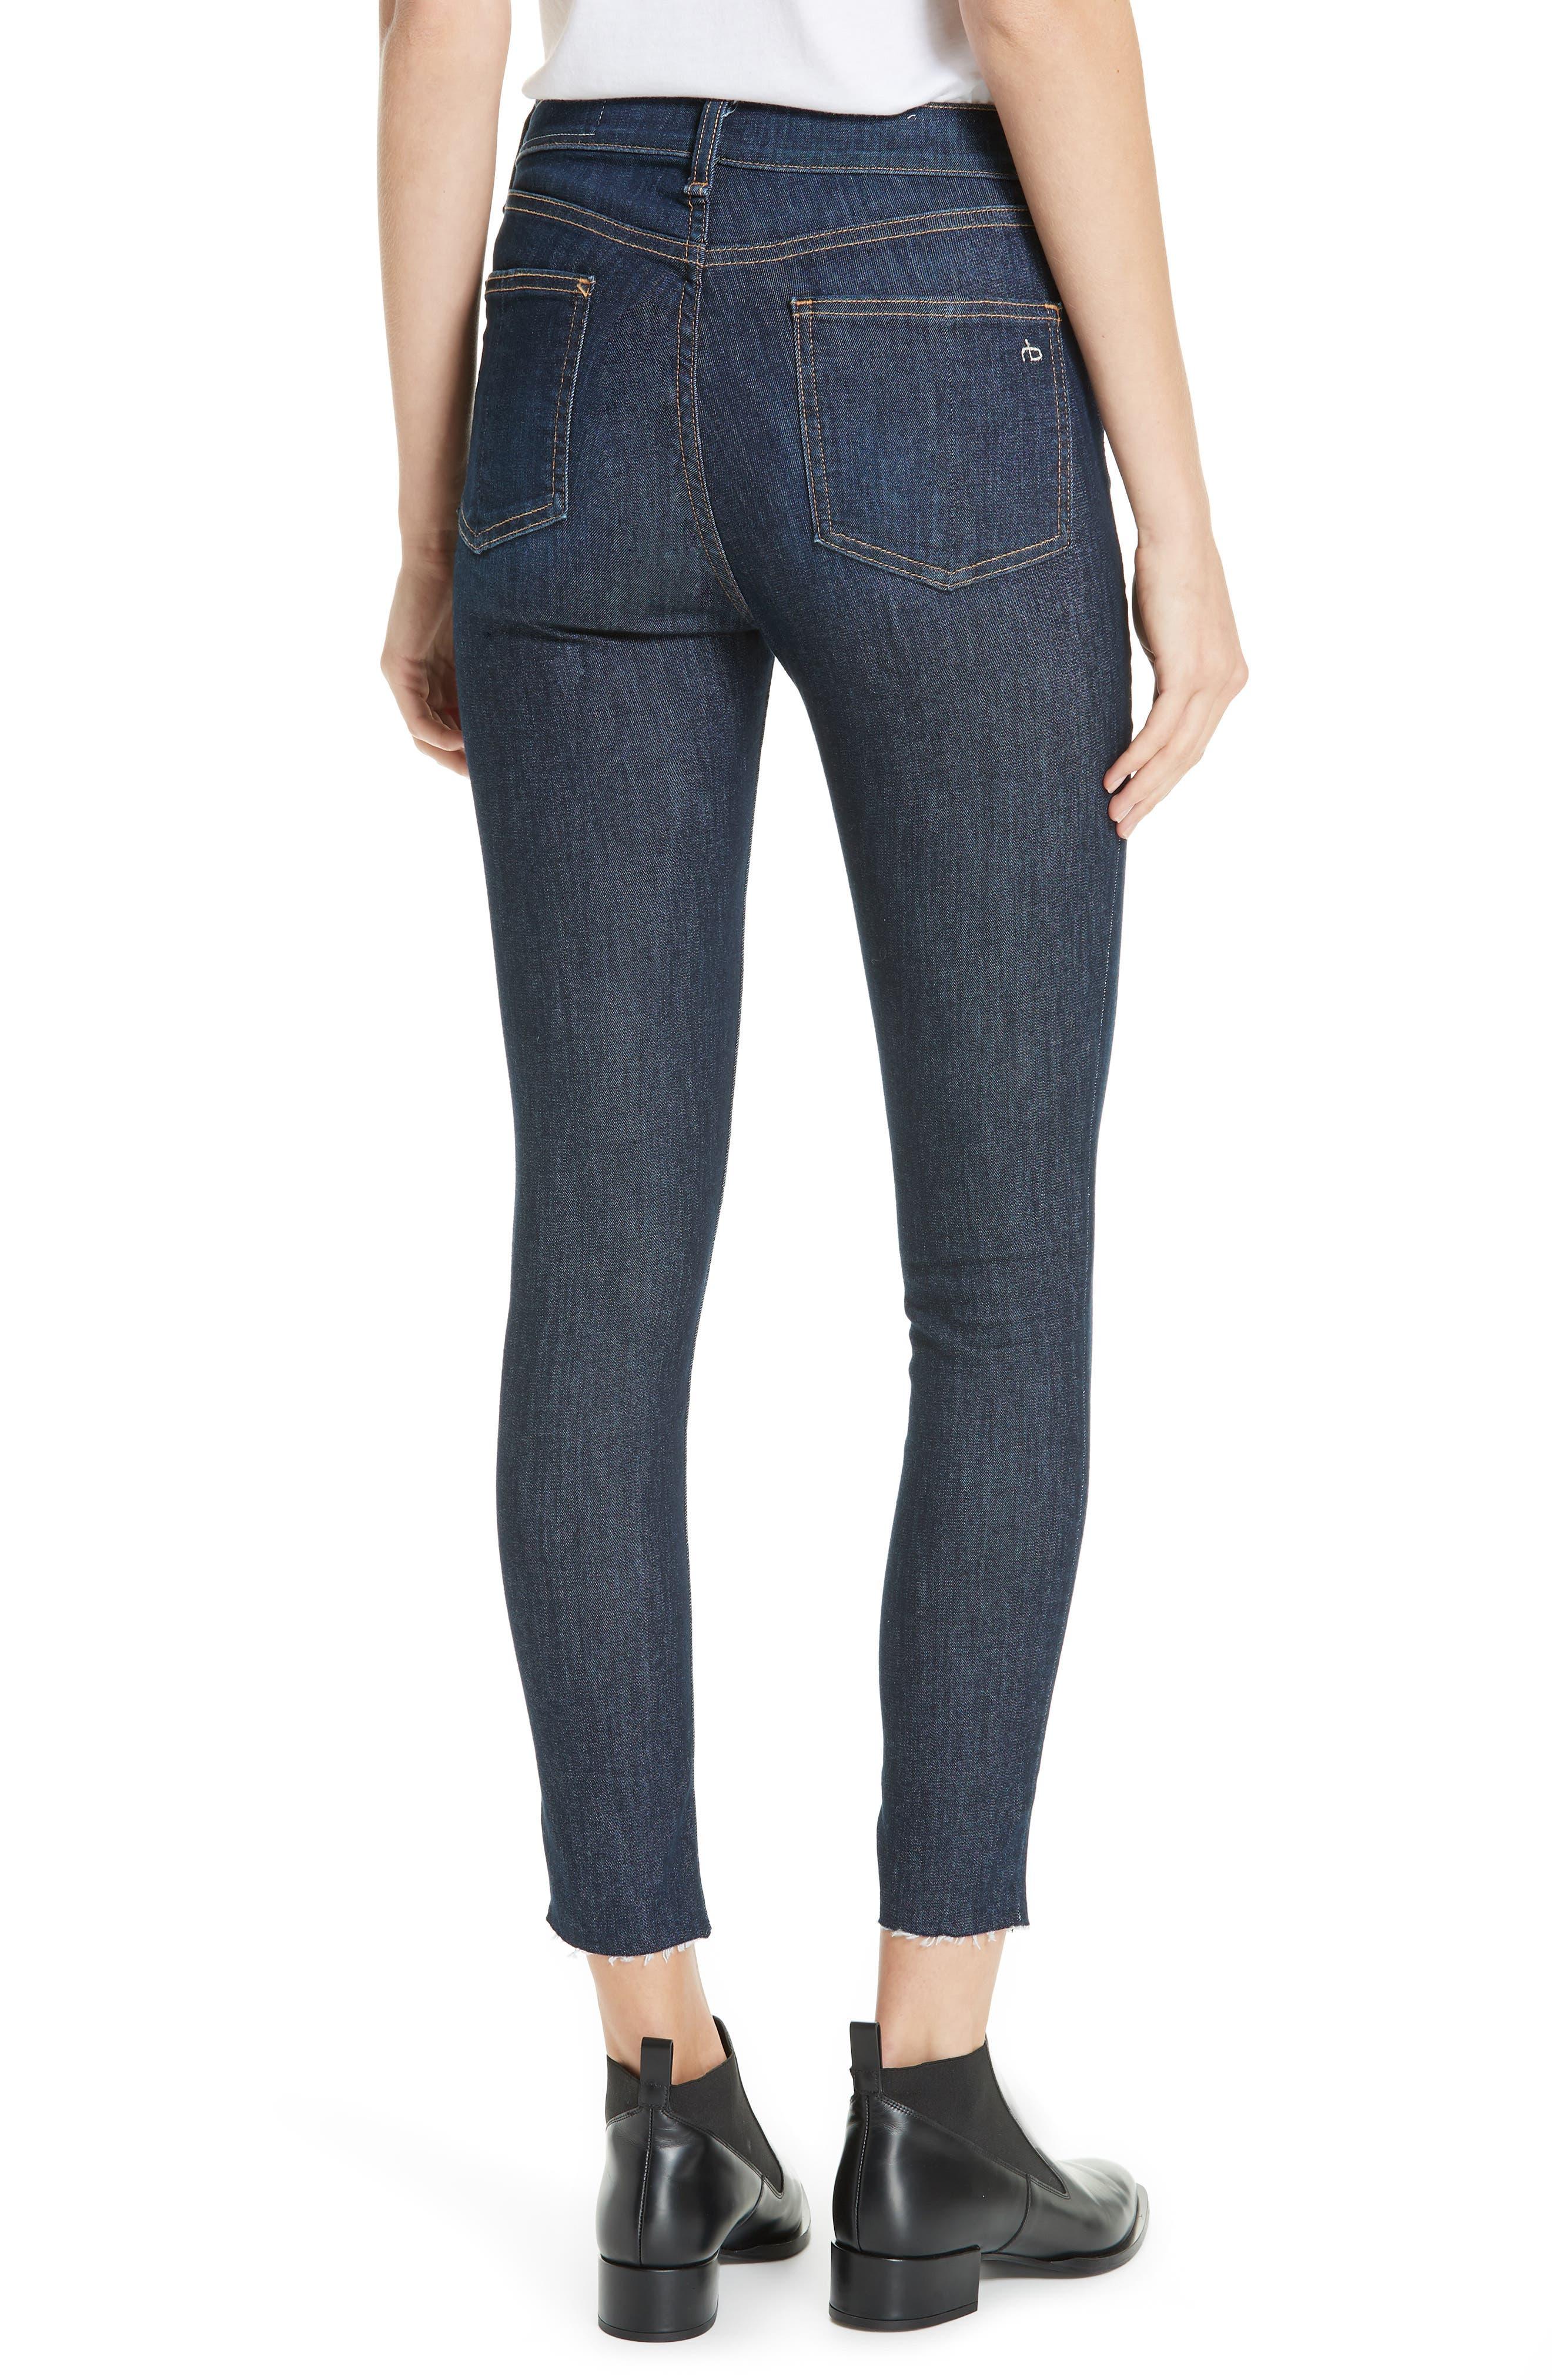 RAG & BONE, High Waist Skinny Ankle Jeans, Alternate thumbnail 2, color, 402